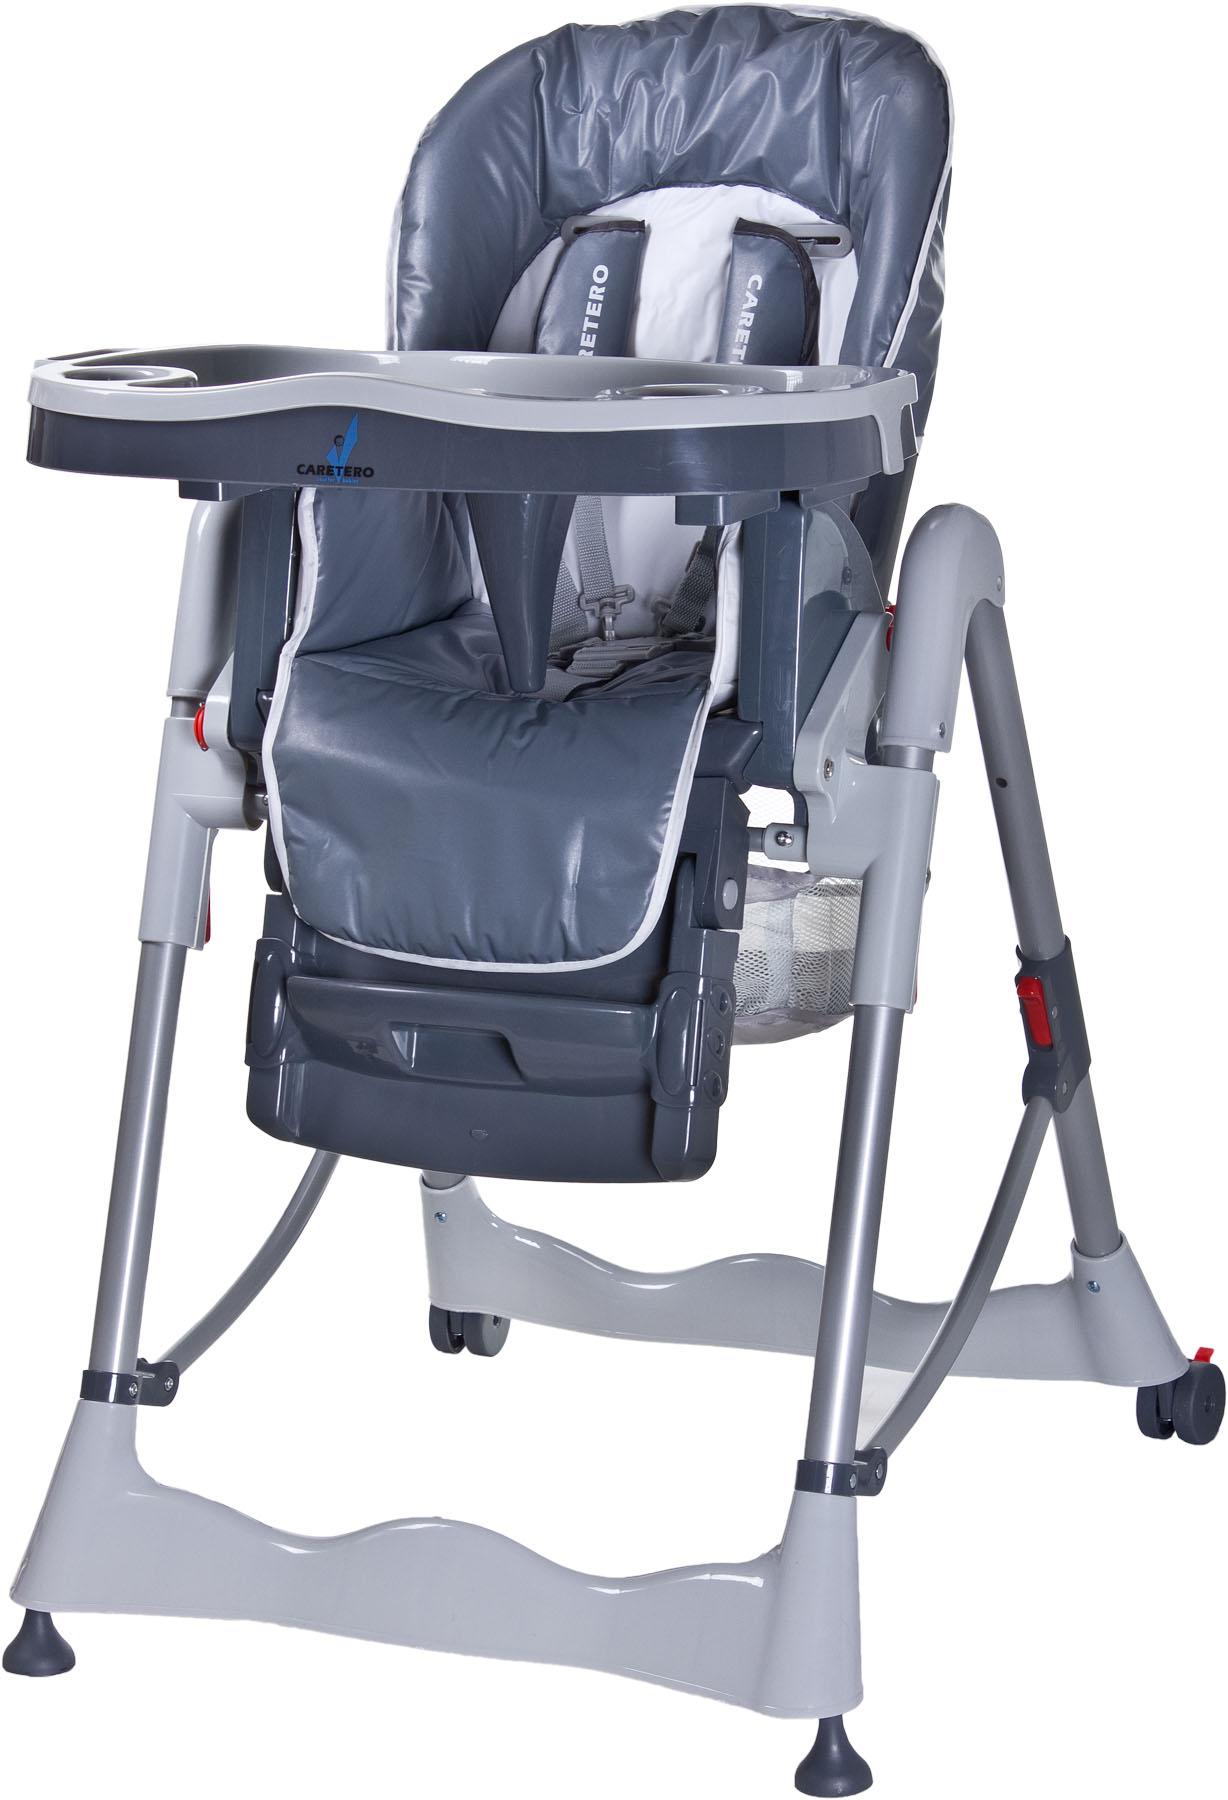 Jídelní židlička Caretero MAGNUS classic grey Skládací jídelní židlička Caretero